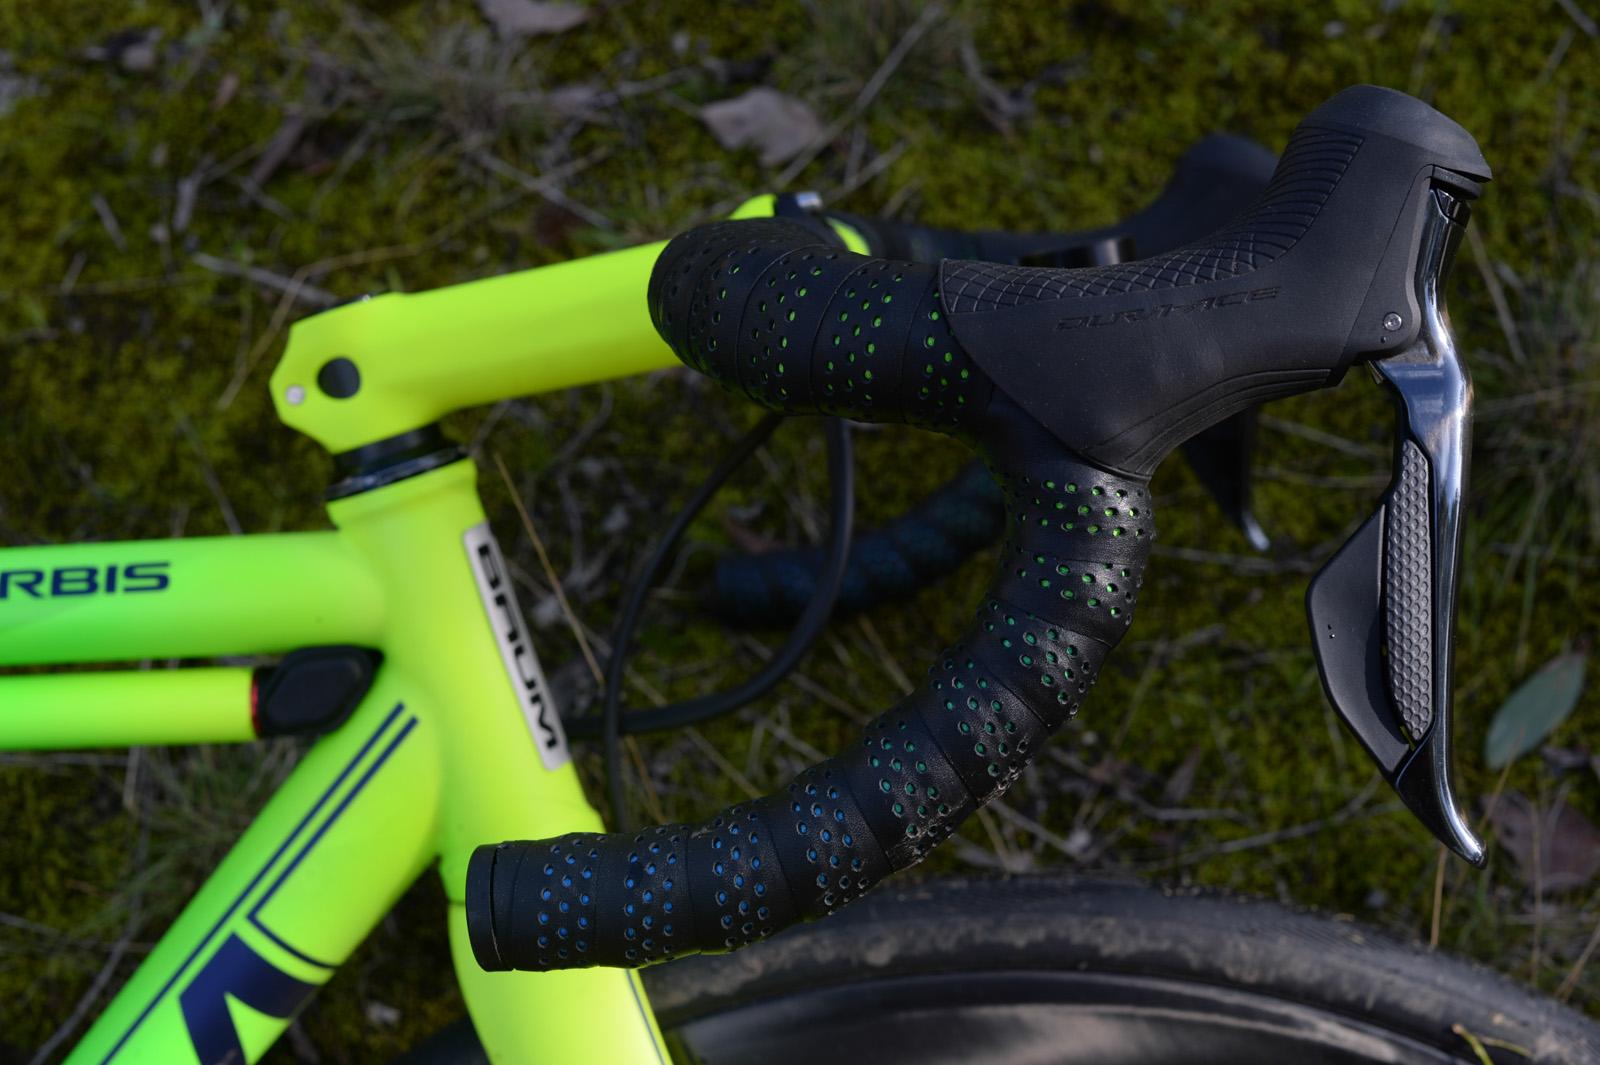 BAUM Orbis Titanium Road Disc Bike